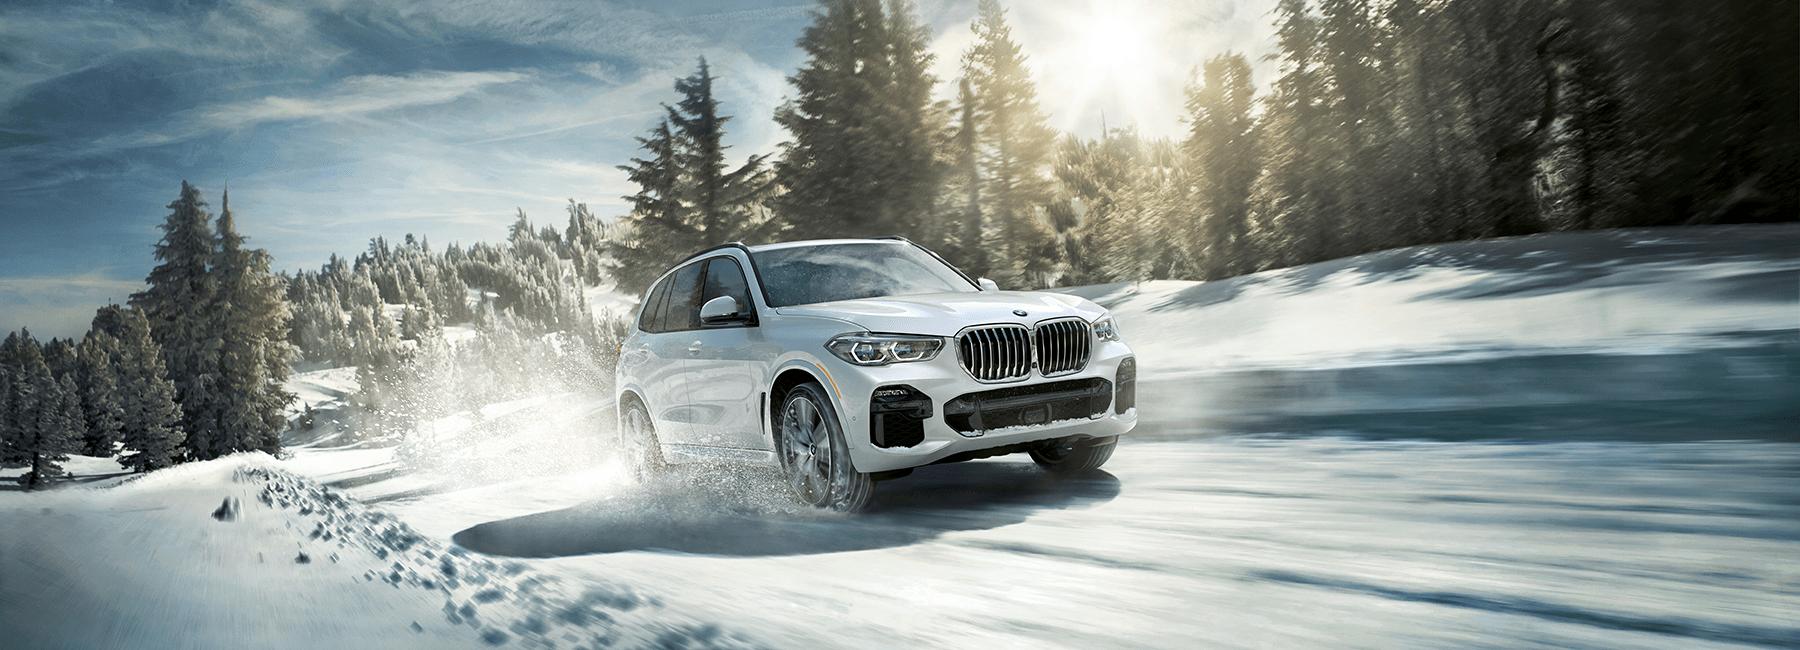 2019 BMW_X5_Snow